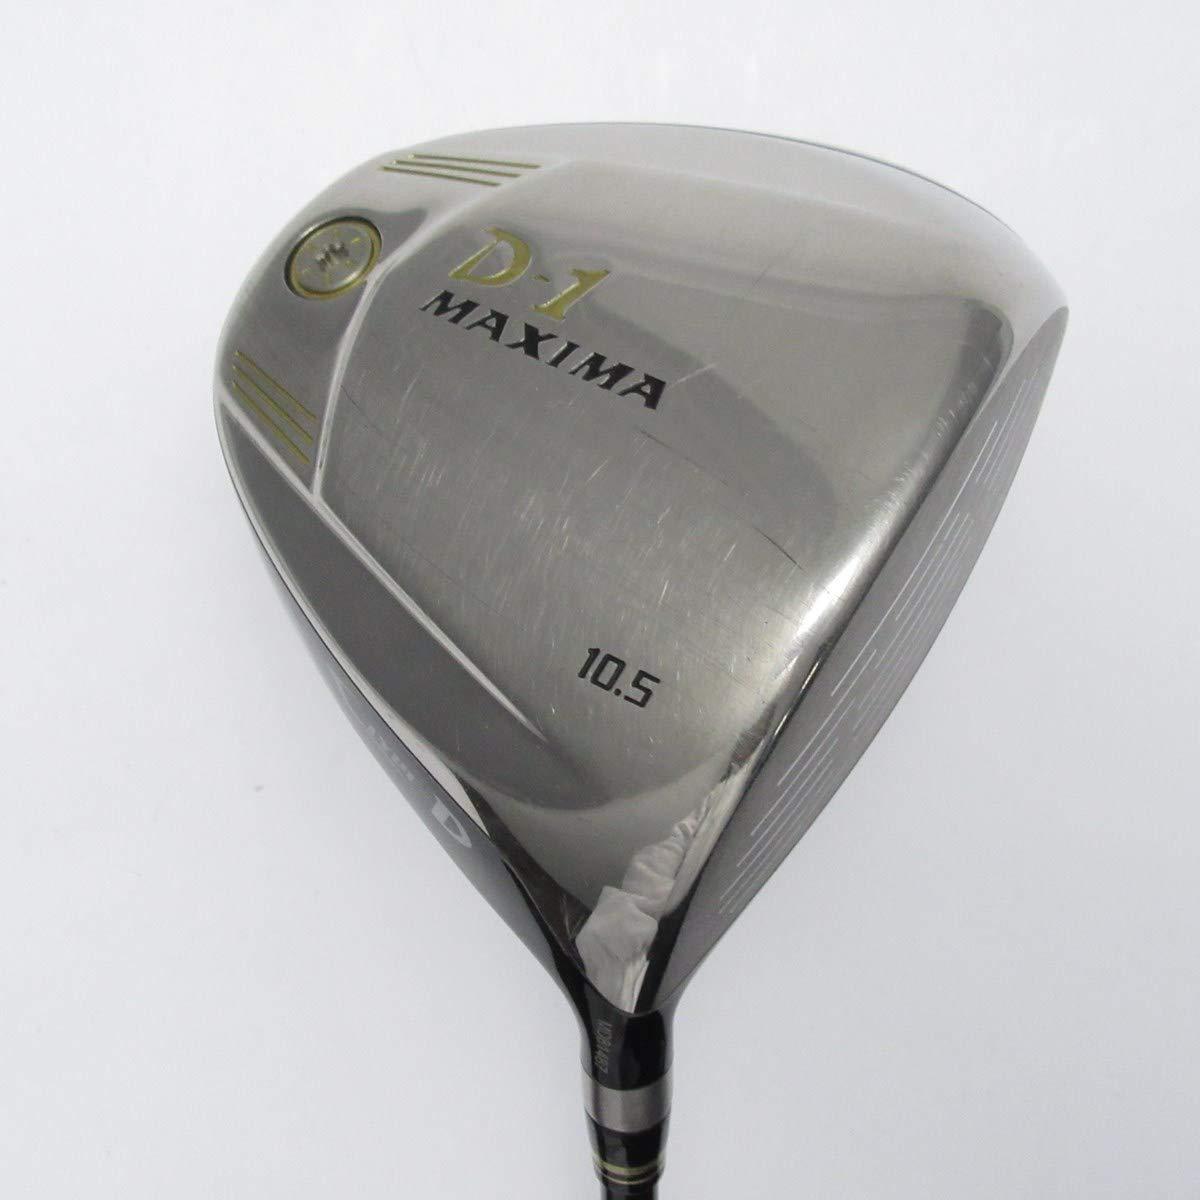 【中古】リョーマ ゴルフ RYOMA GOLF Ryoma D-1 MAXIMA TYPE-D(メーカー公認中古) ドライバー Tour AD MX-D B07MTQXS98  SR